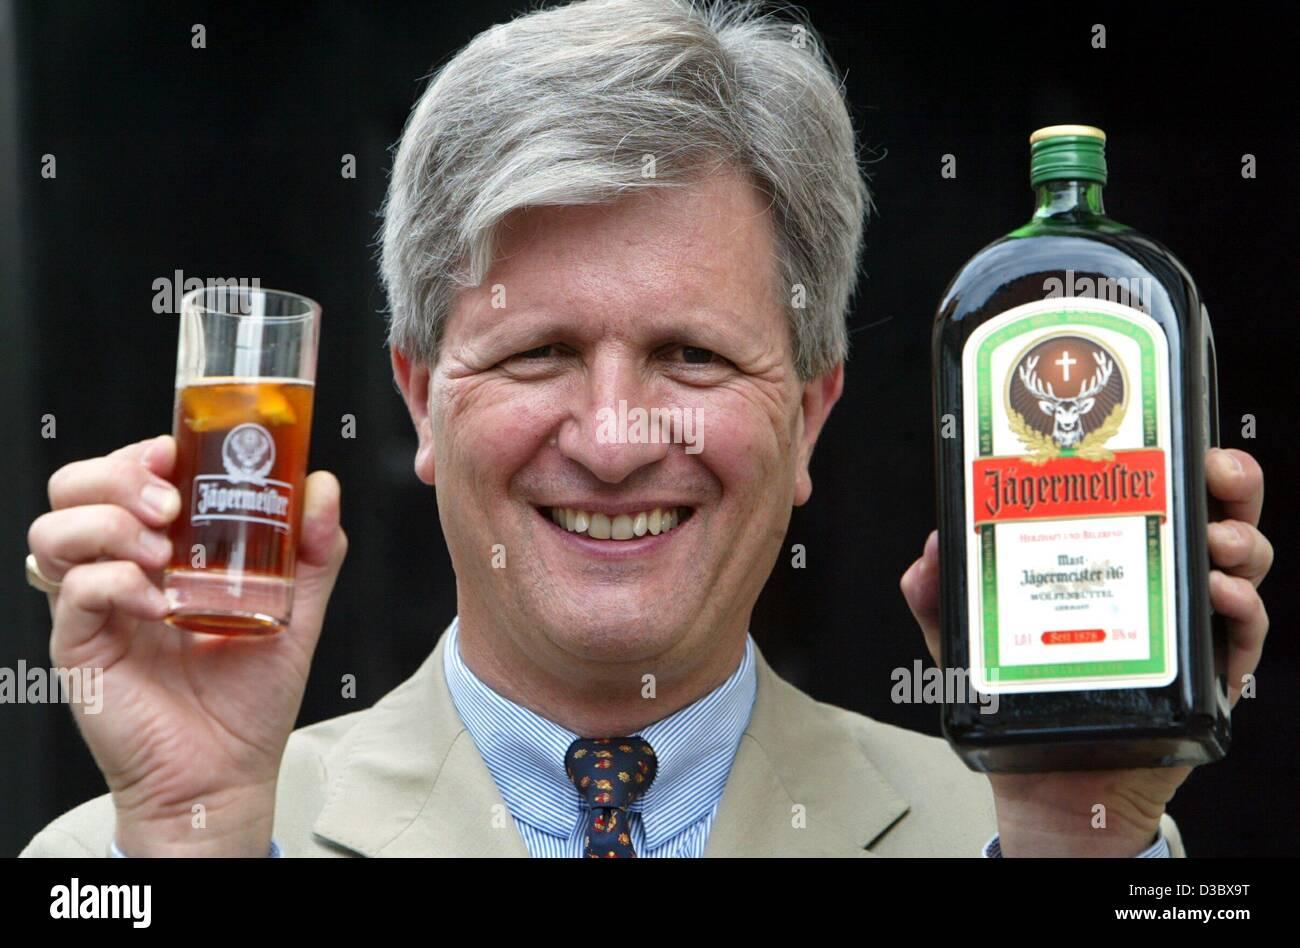 (Dpa) - Hasso Kaempfe, Vorstandsvorsitzender der Mast-Jägermeister AG, stellt eine Flasche und einem Glas Jägermeister Stockbild